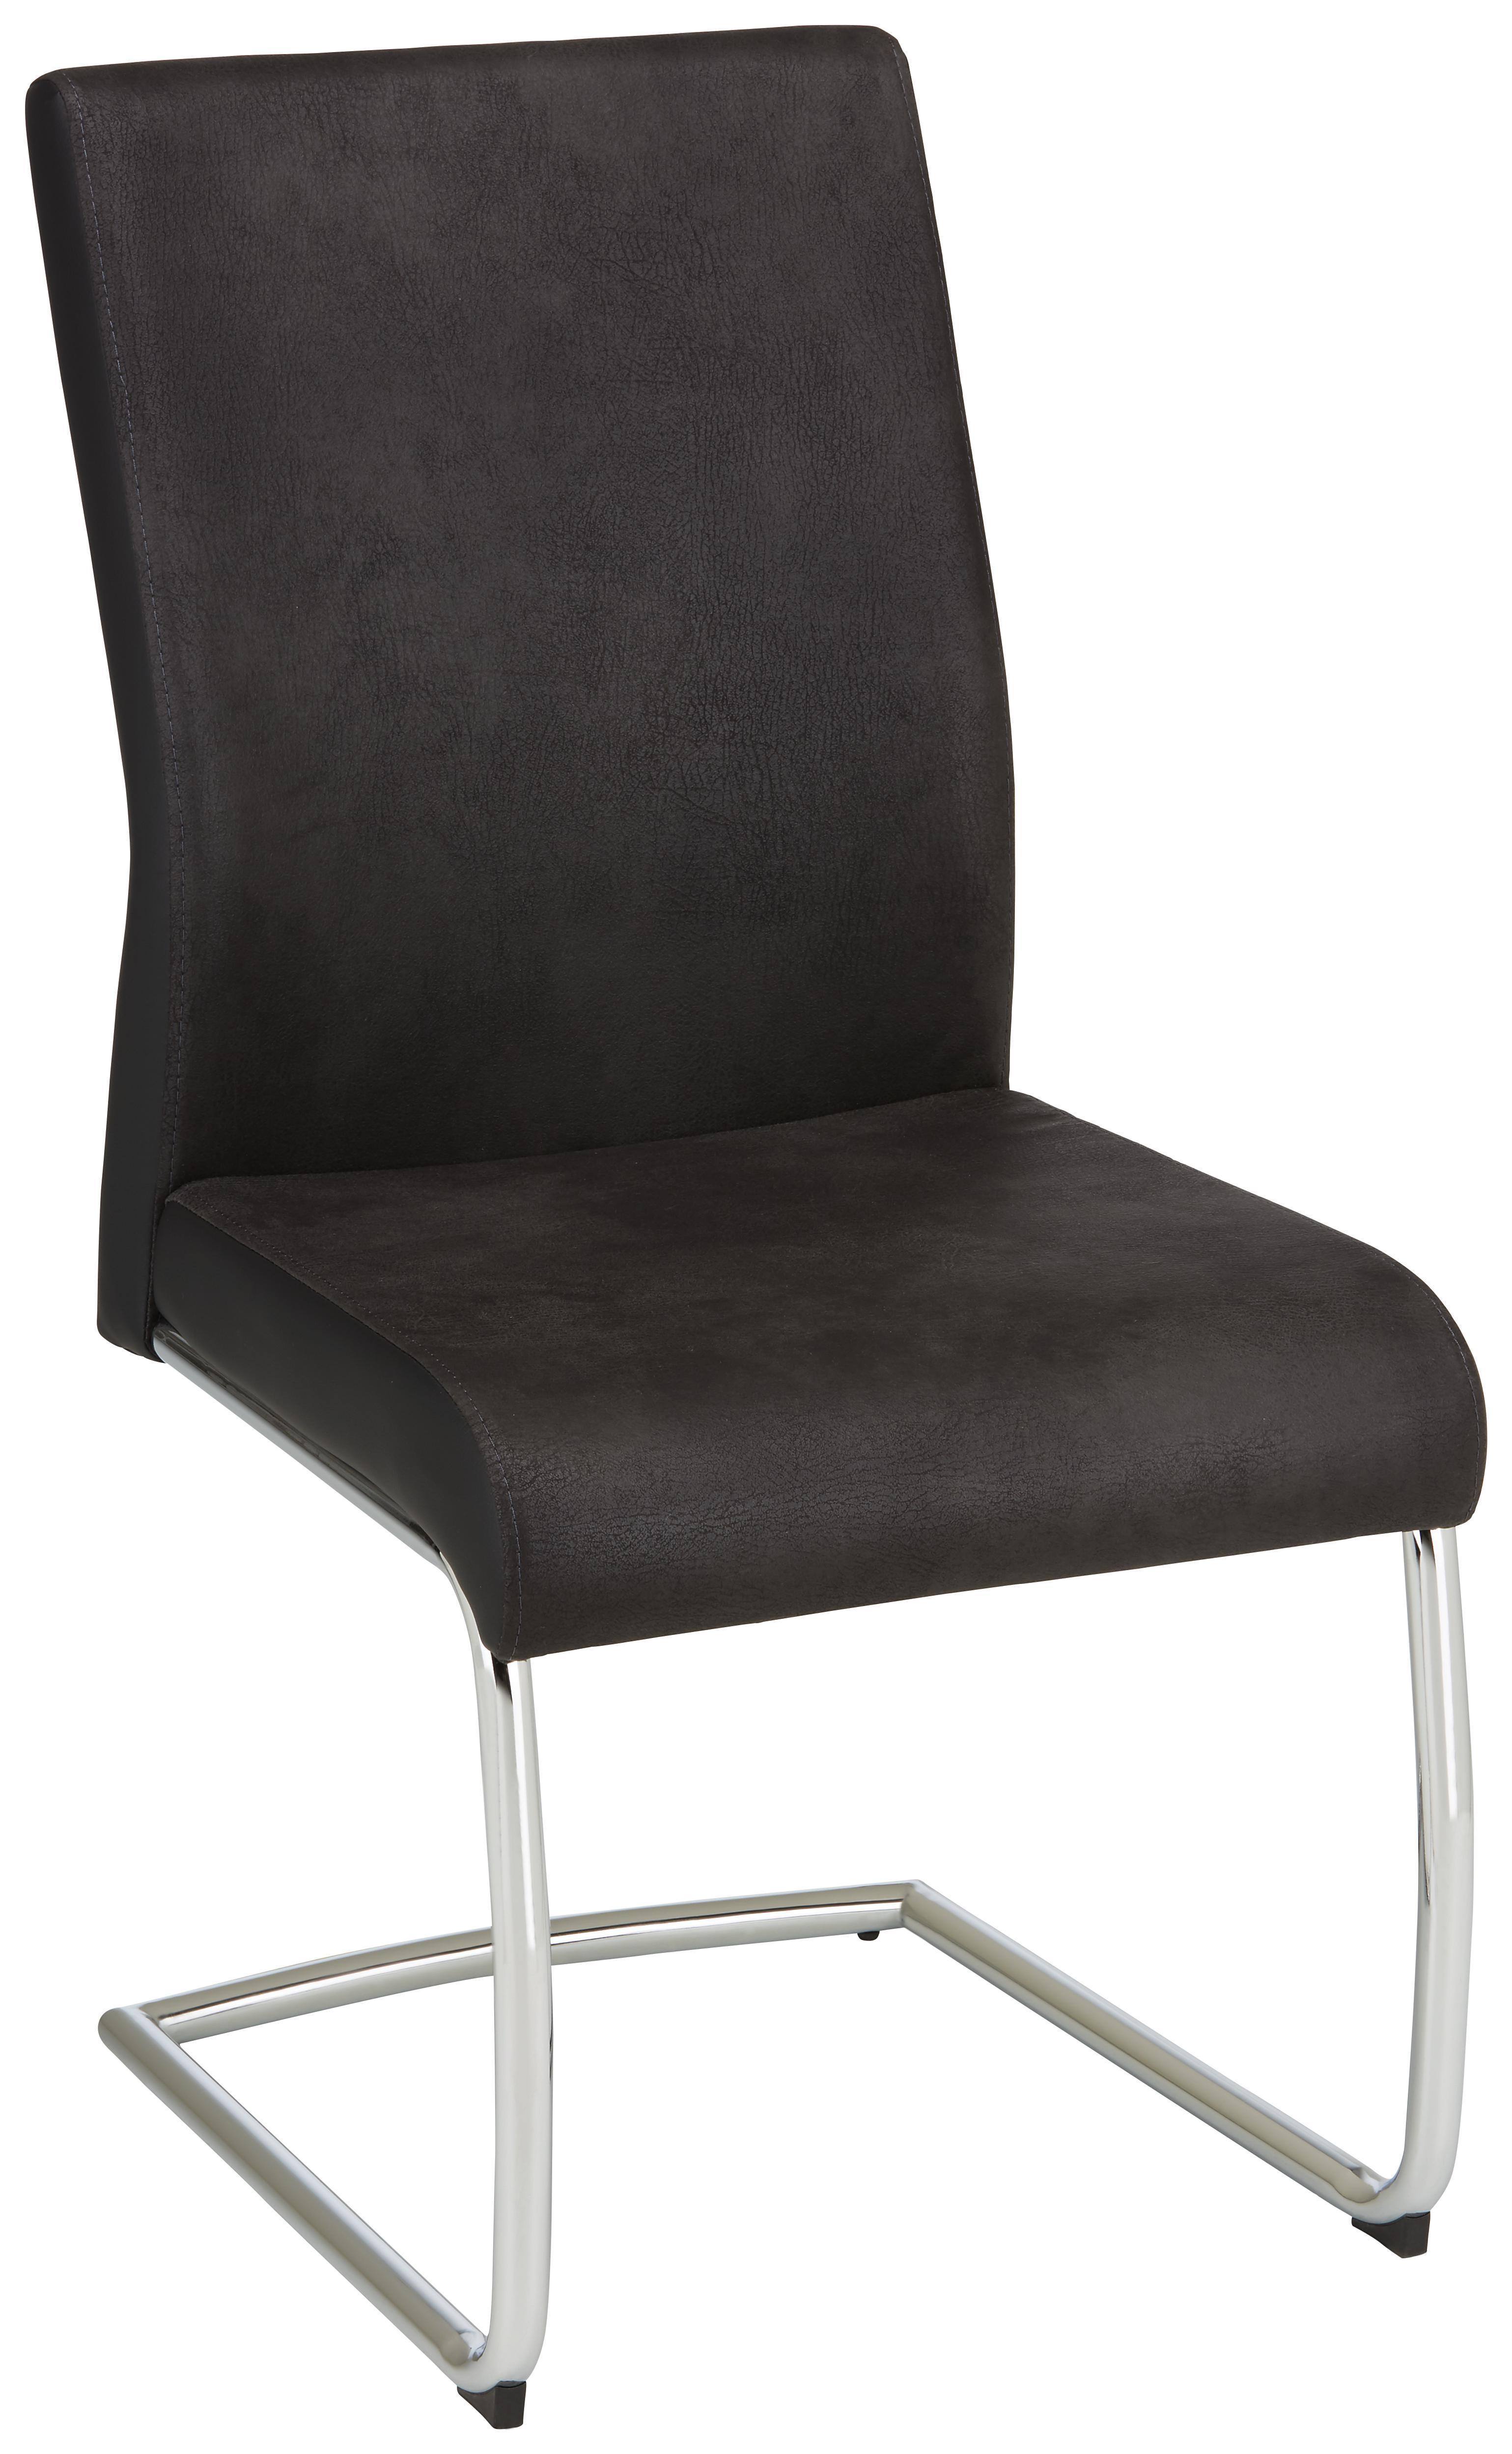 Schwingstuhl in grau schwarz for Schwingstuhl schwarz